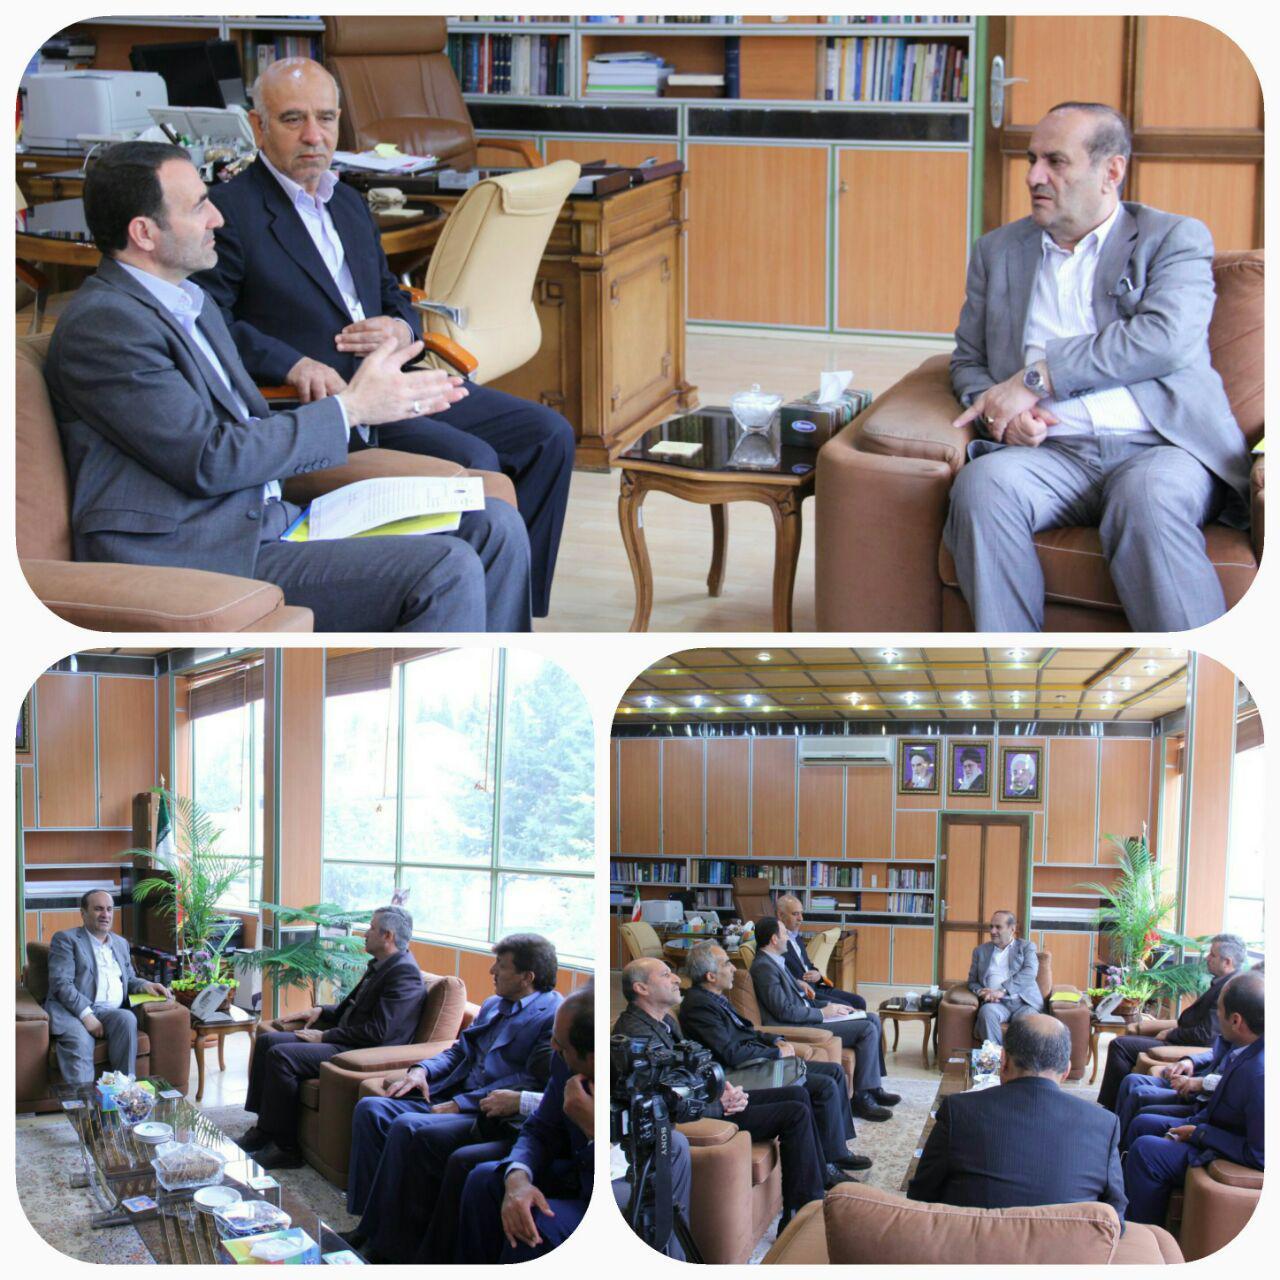 تکمیل پروژه های برق رسانی در استان ضروری است